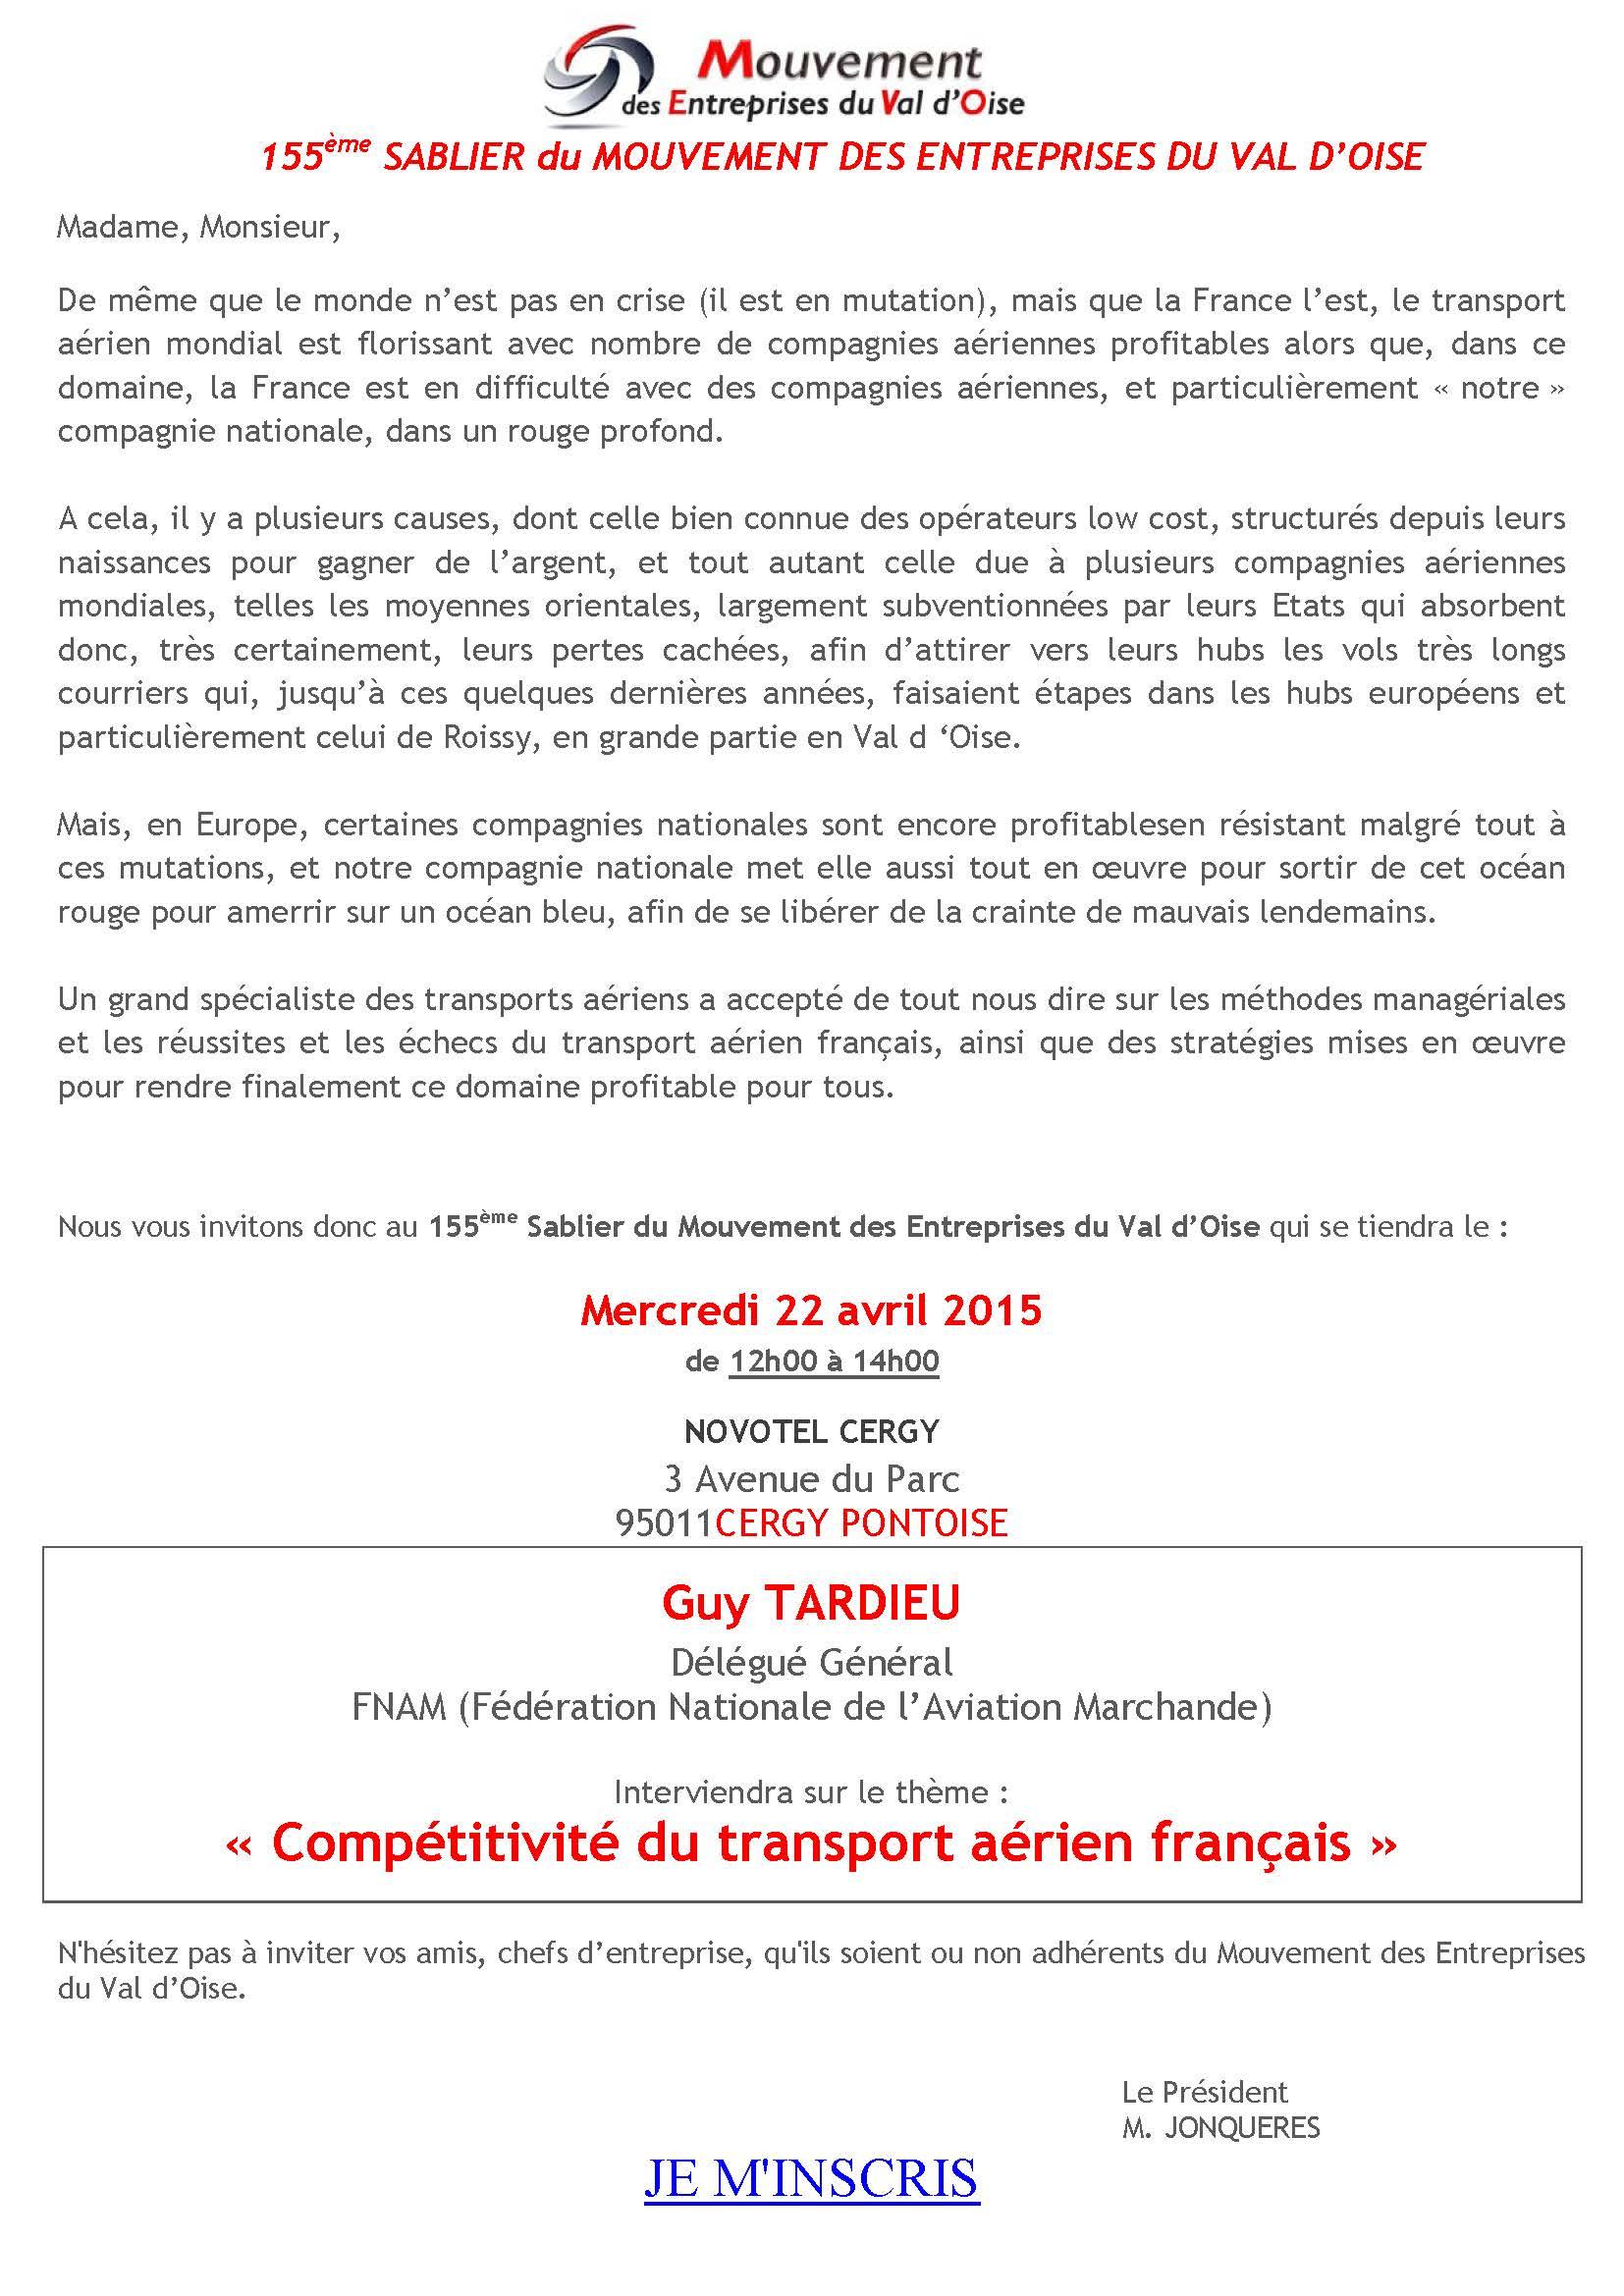 Invitation sablier avril 2015